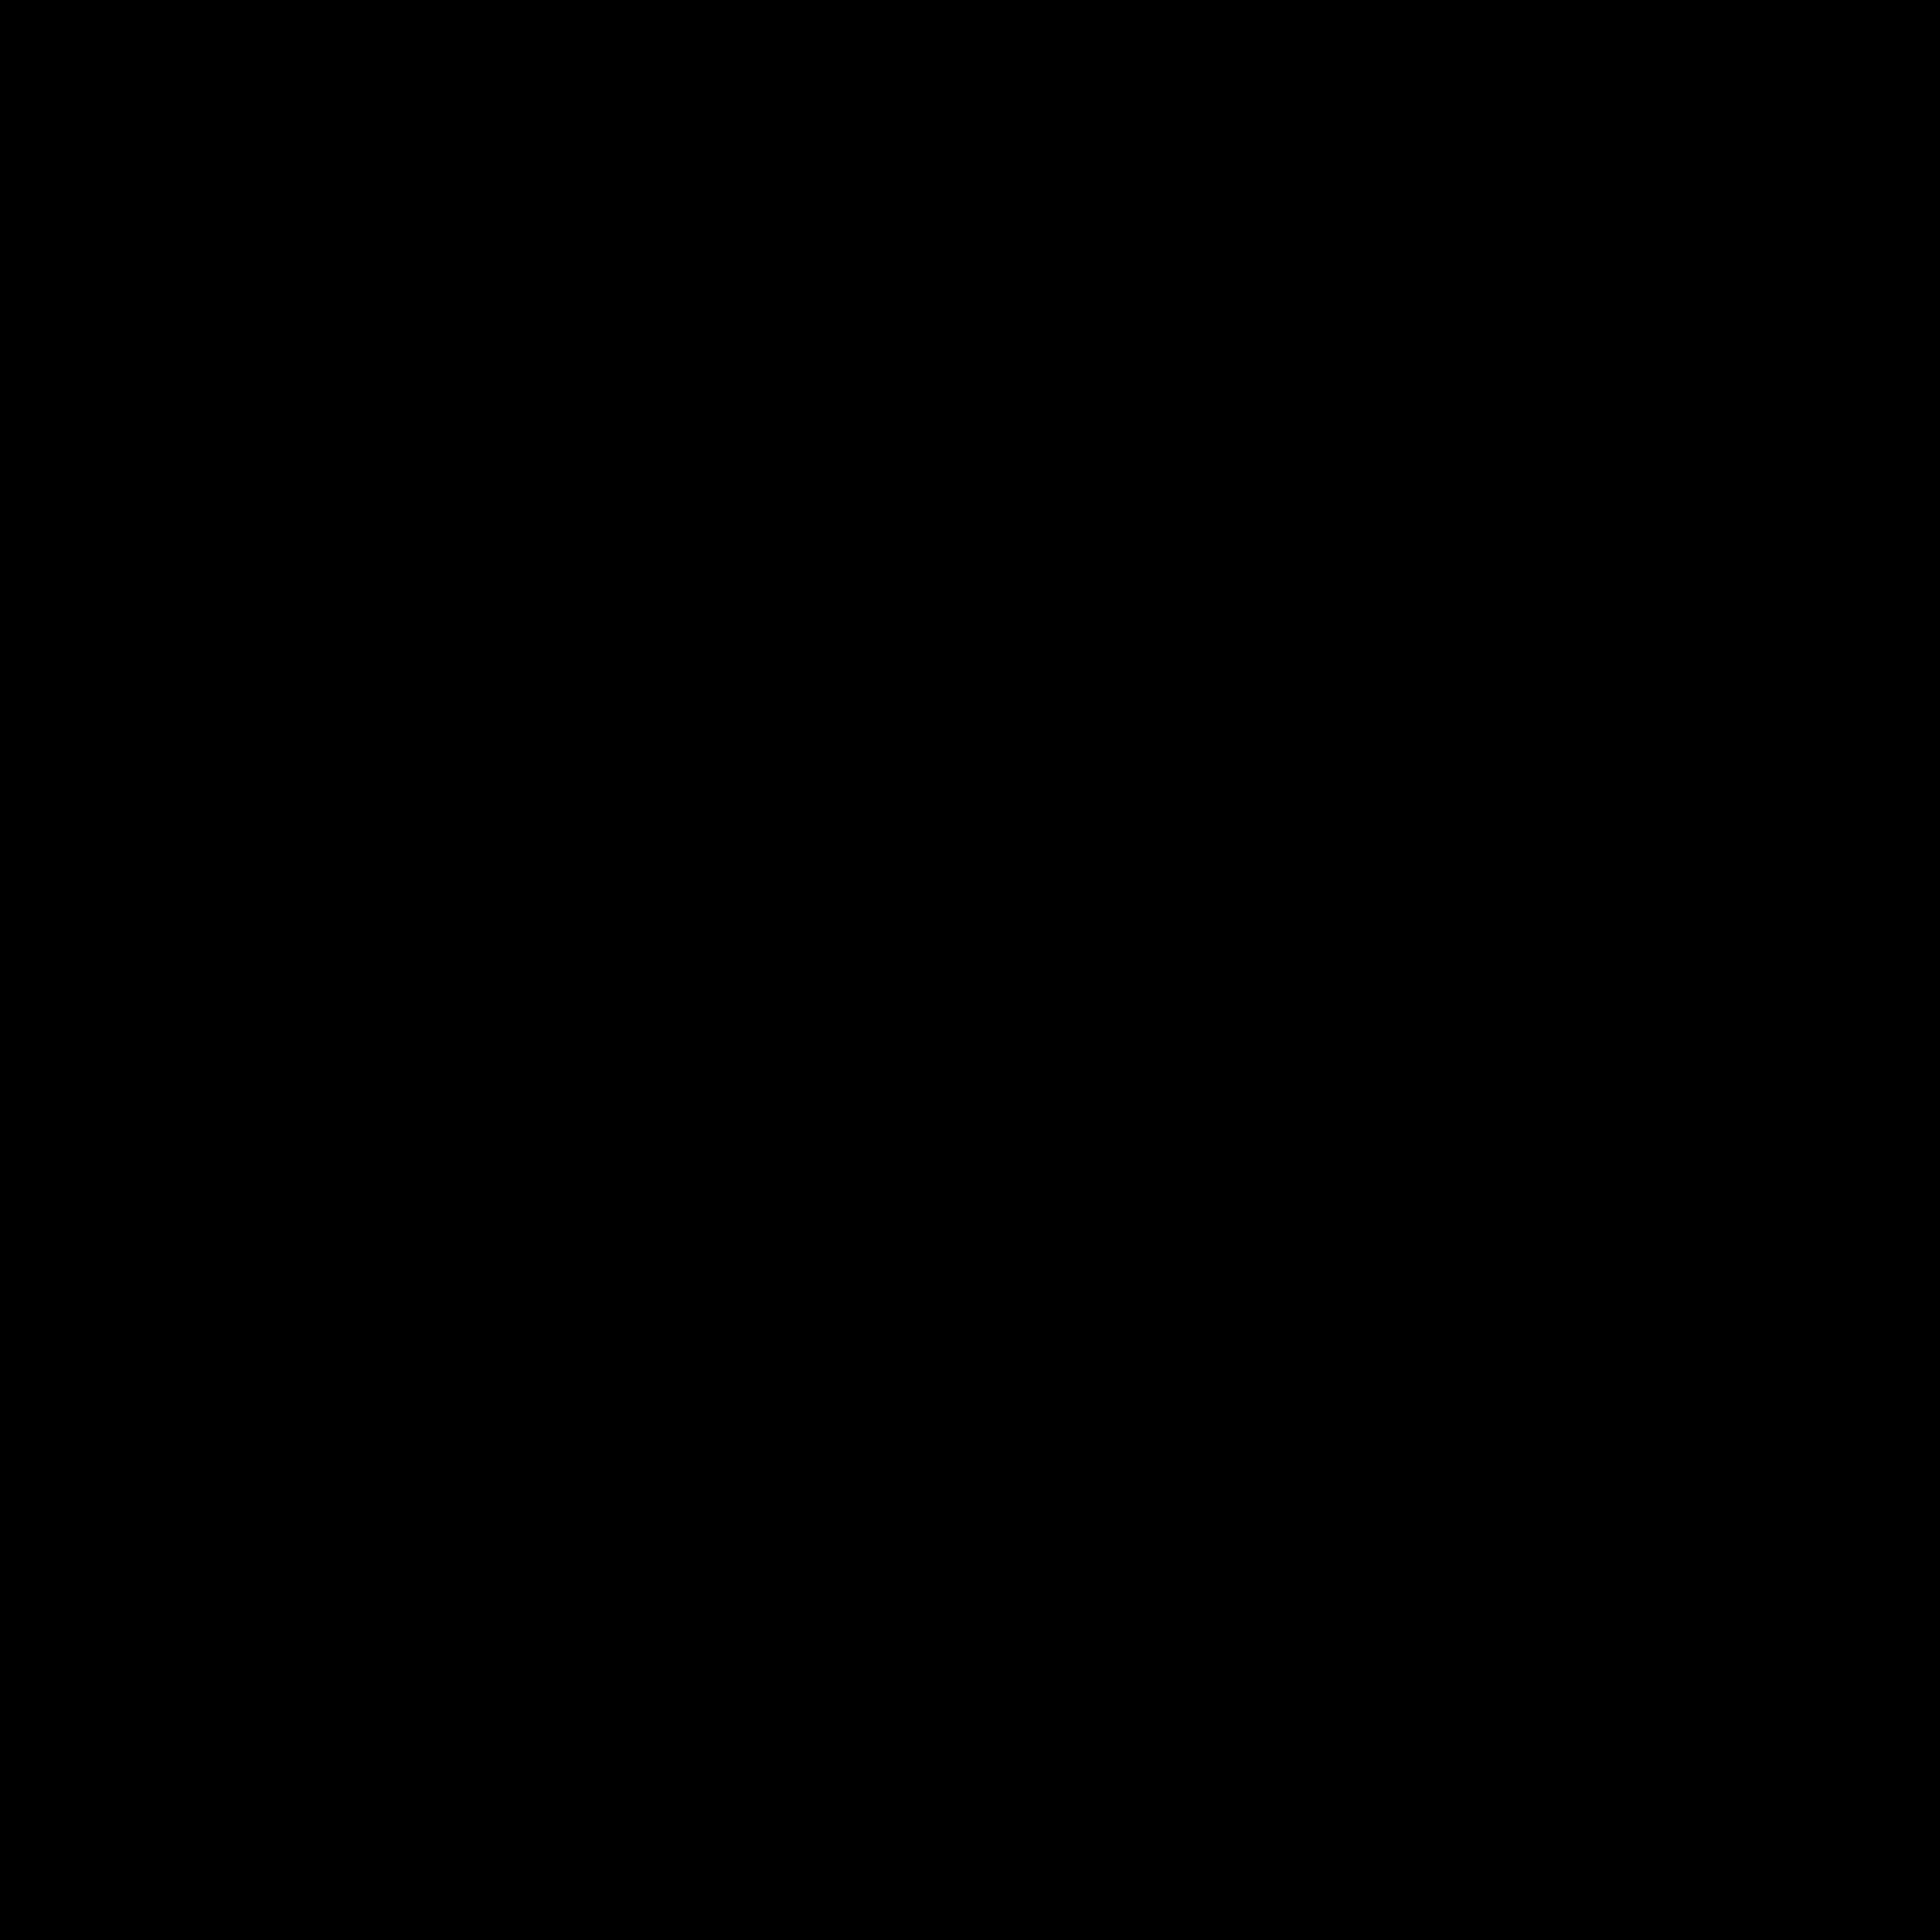 5 Logo brand yang produknya terkenal mahal